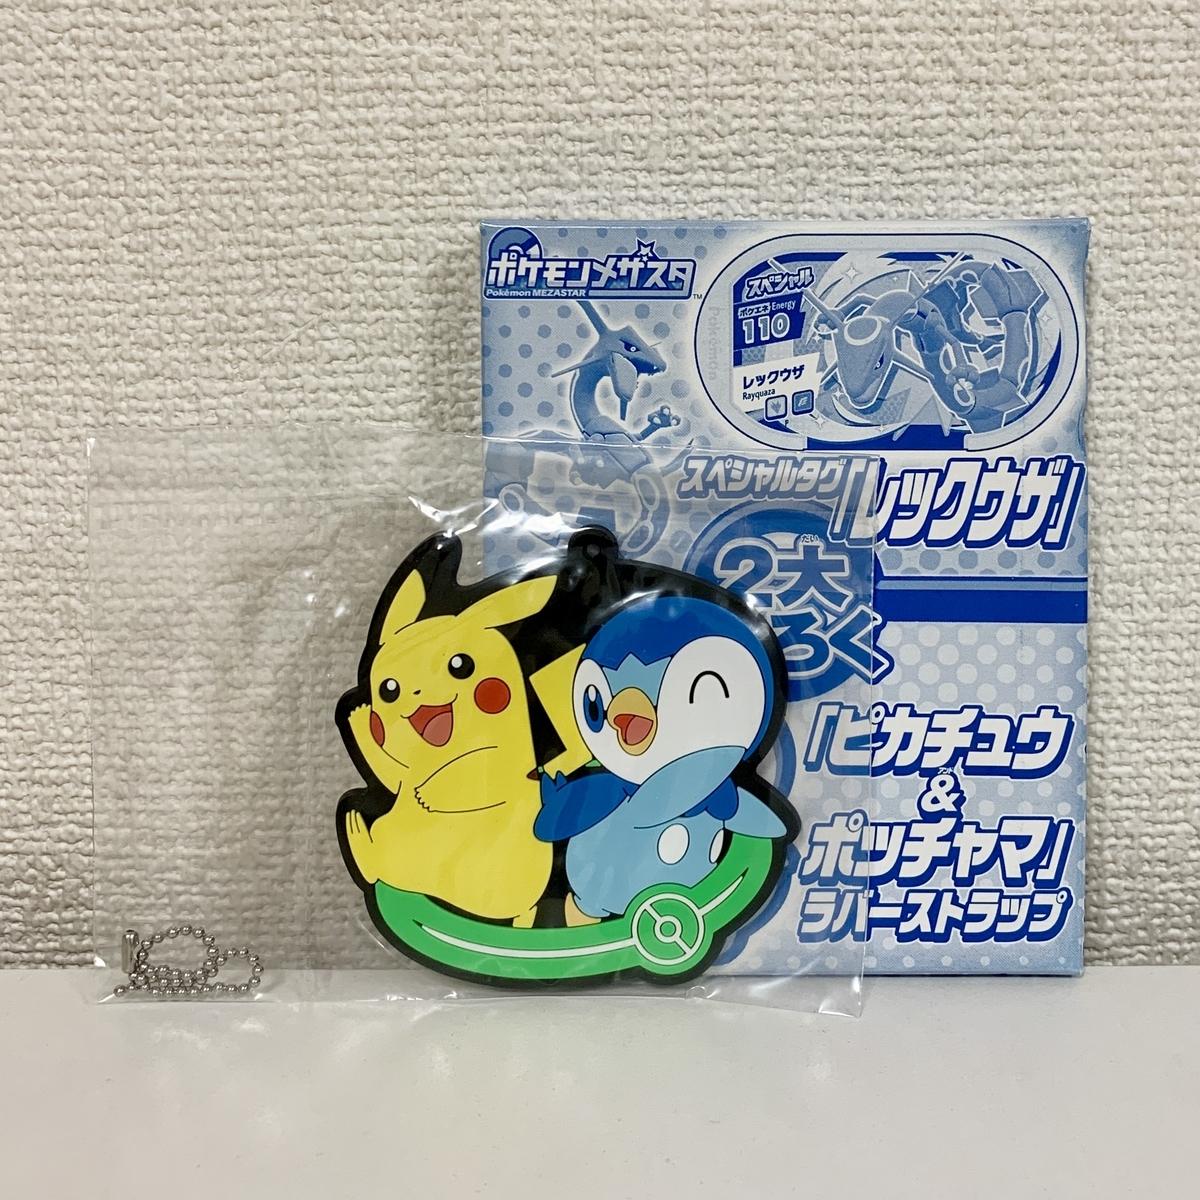 f:id:pikachu_pcn:20210717192849j:plain